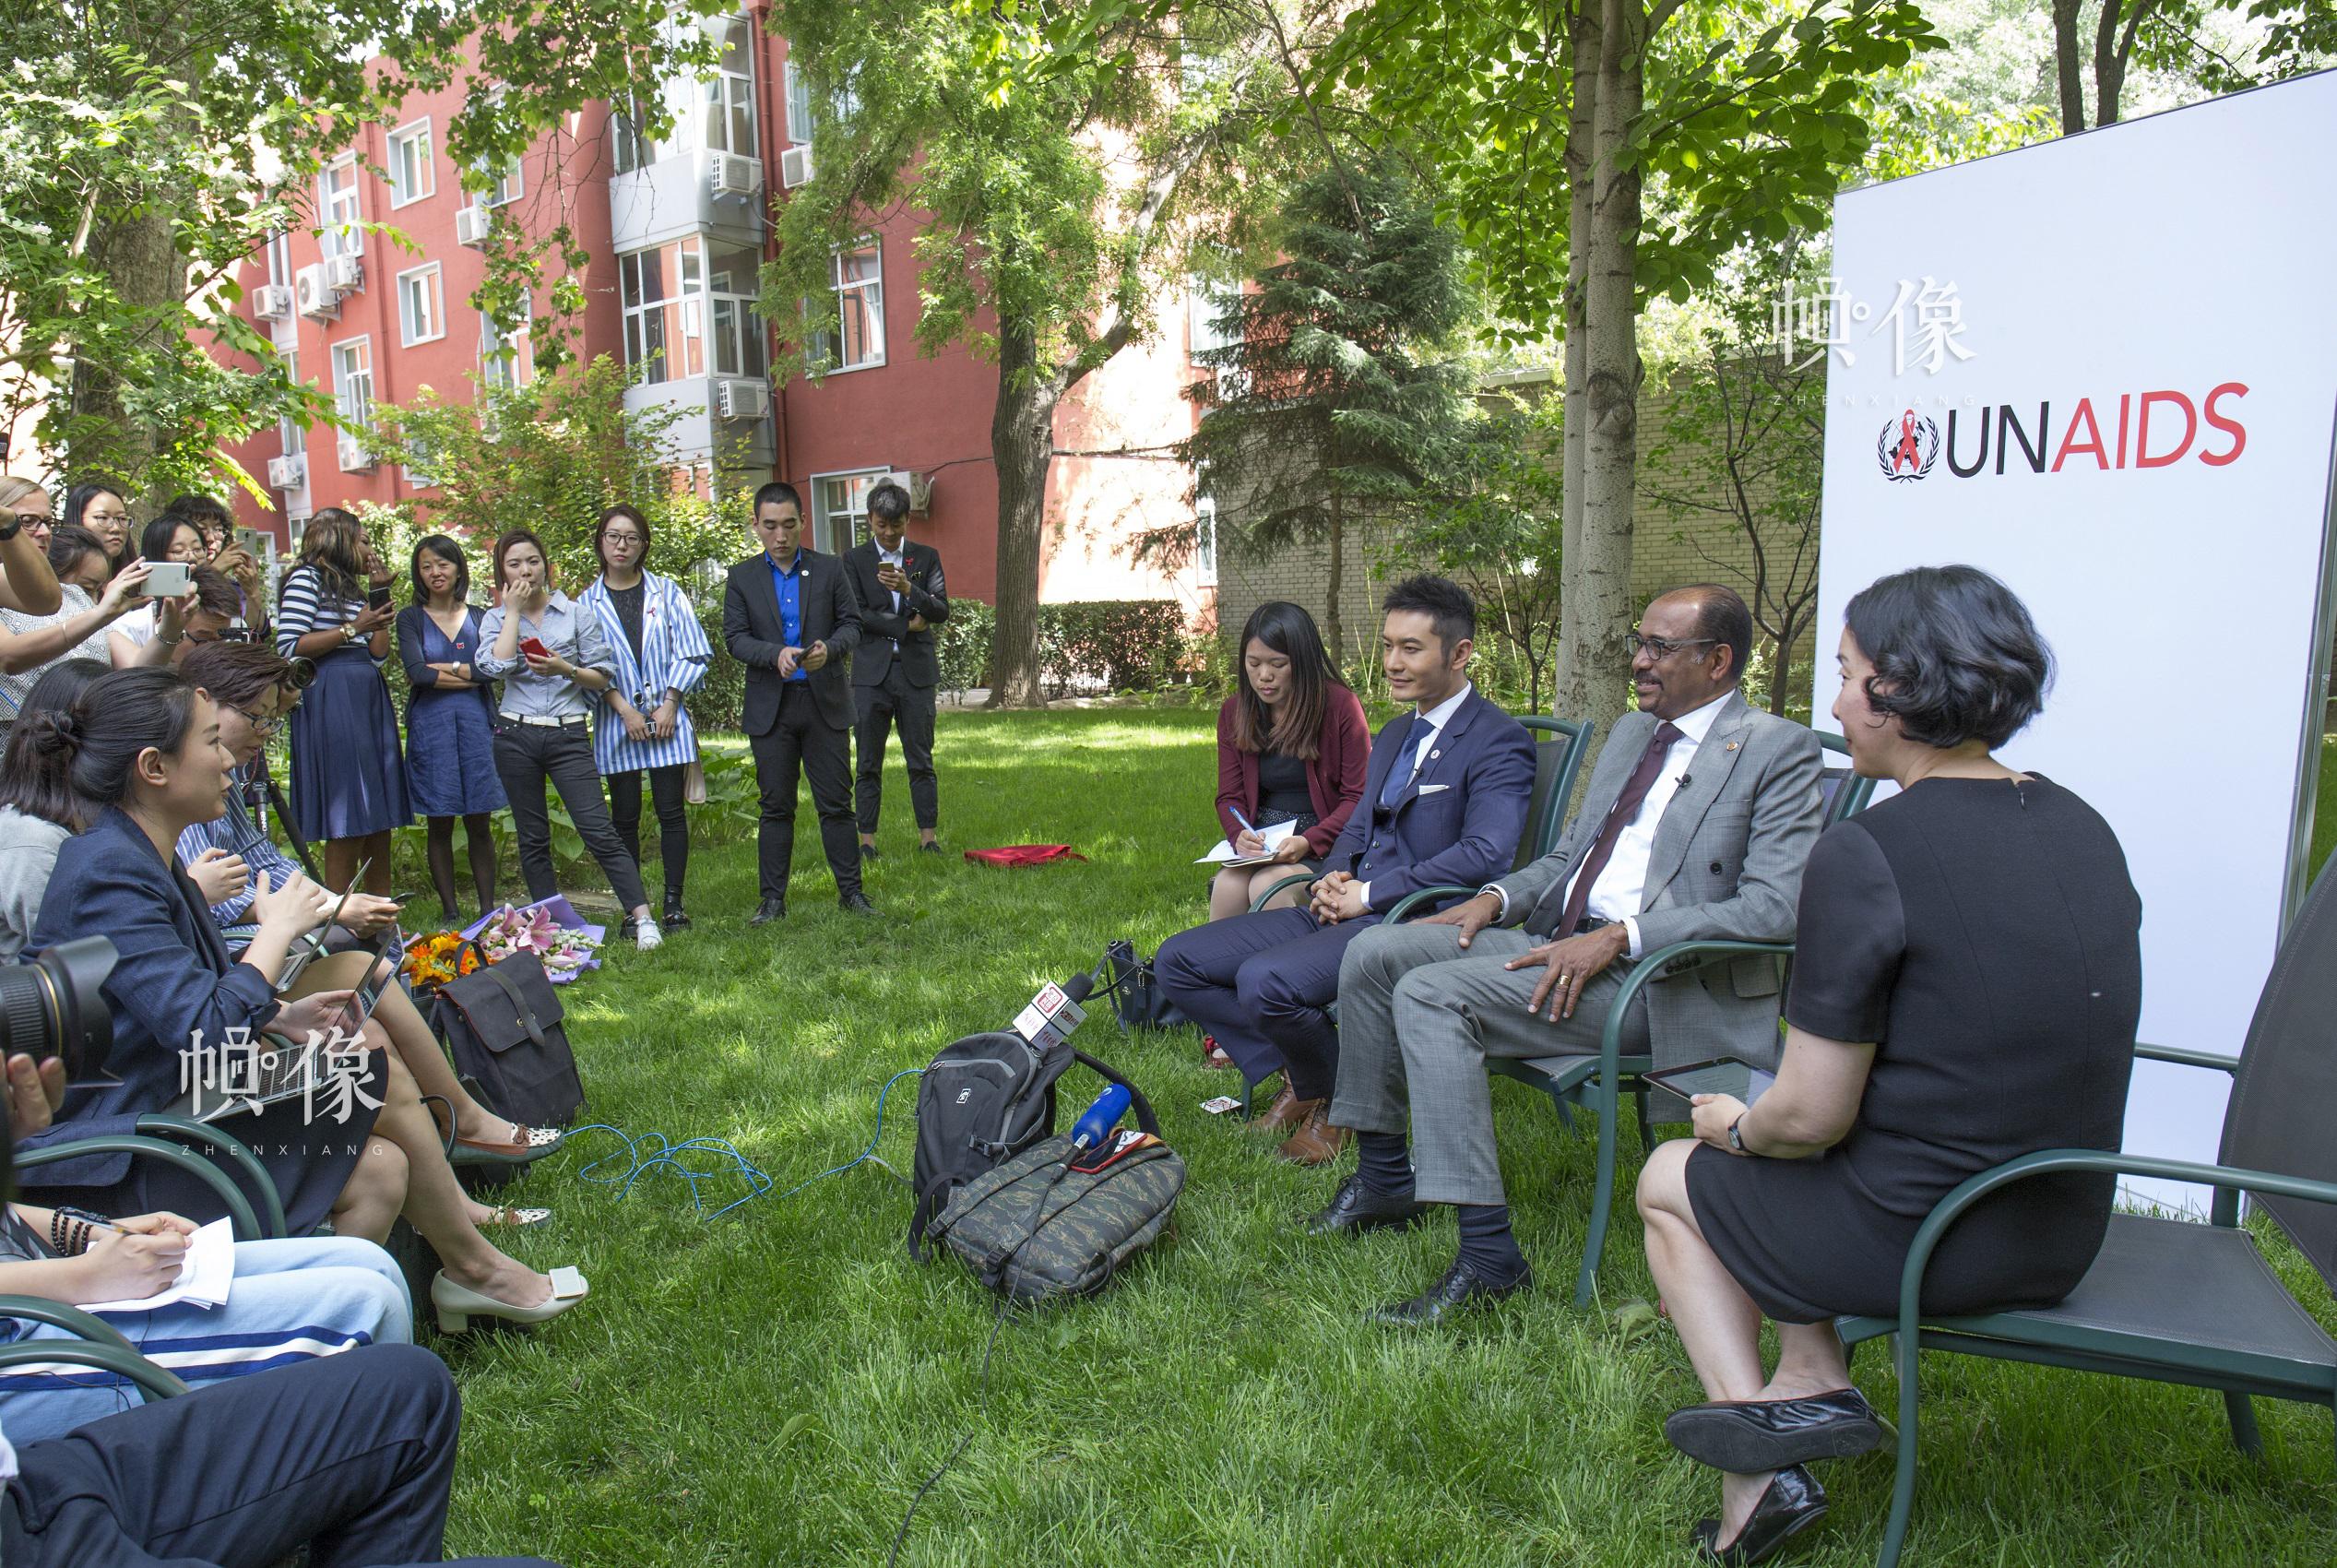 2017年5月12日,聯合國艾滋病規劃署執行主任米歇爾·西迪貝與聯合國艾滋病規劃署親善大使黃曉明在北京聯合國大院舉行媒體見面會。中國網記者 高南 攝